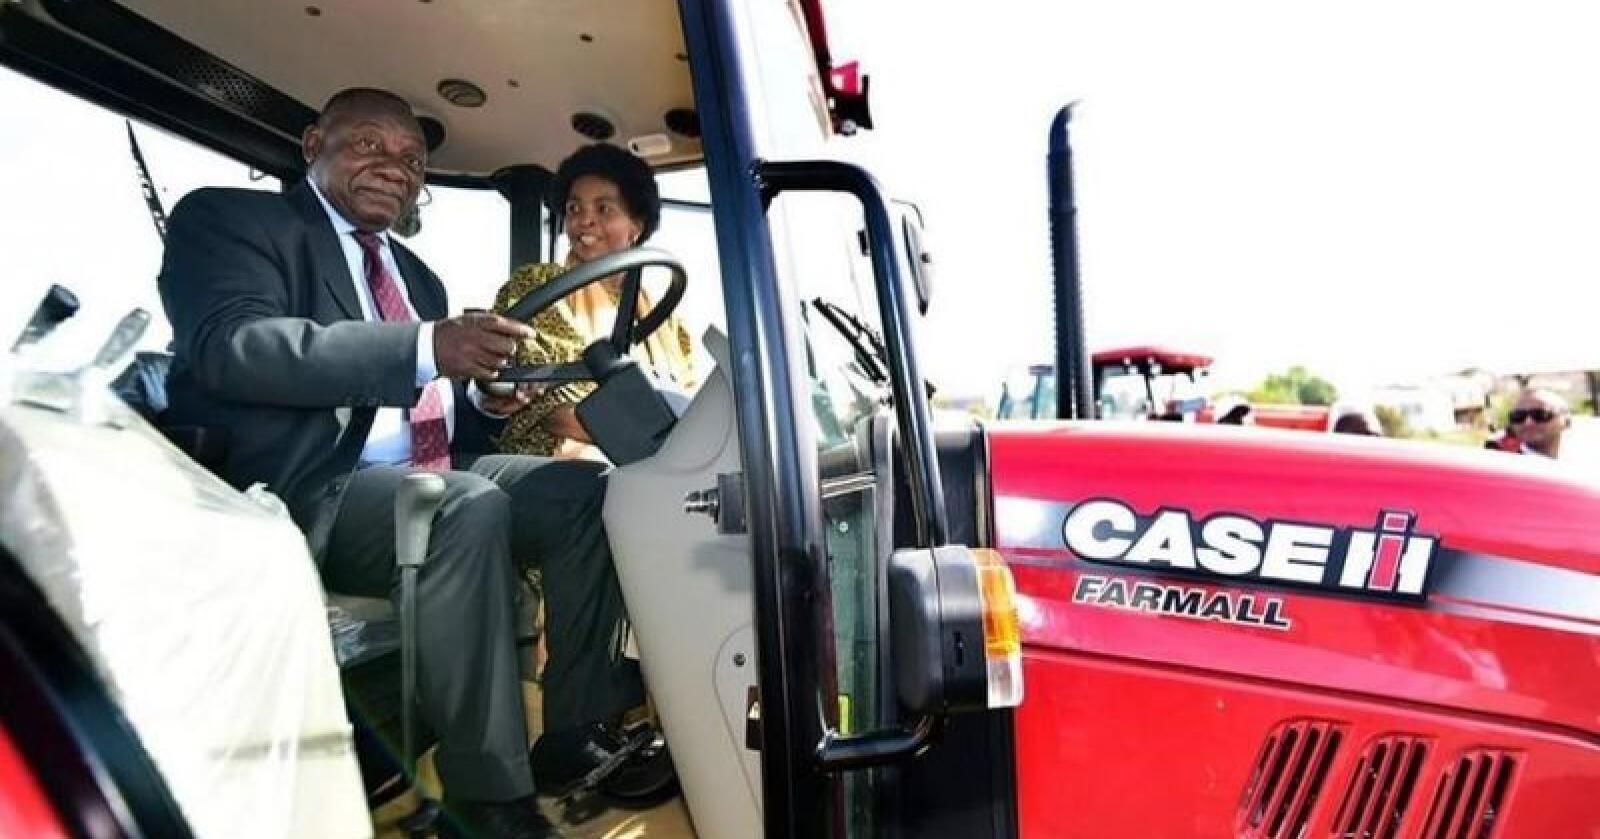 Sør-Afrikas president, Mr. Cyril Ramaphosa prøvekjørte en av de 50 nye Case IH-traktorene under den høytidelige overleveringen. (Foto: CNH Industrial Österreich GmbH)